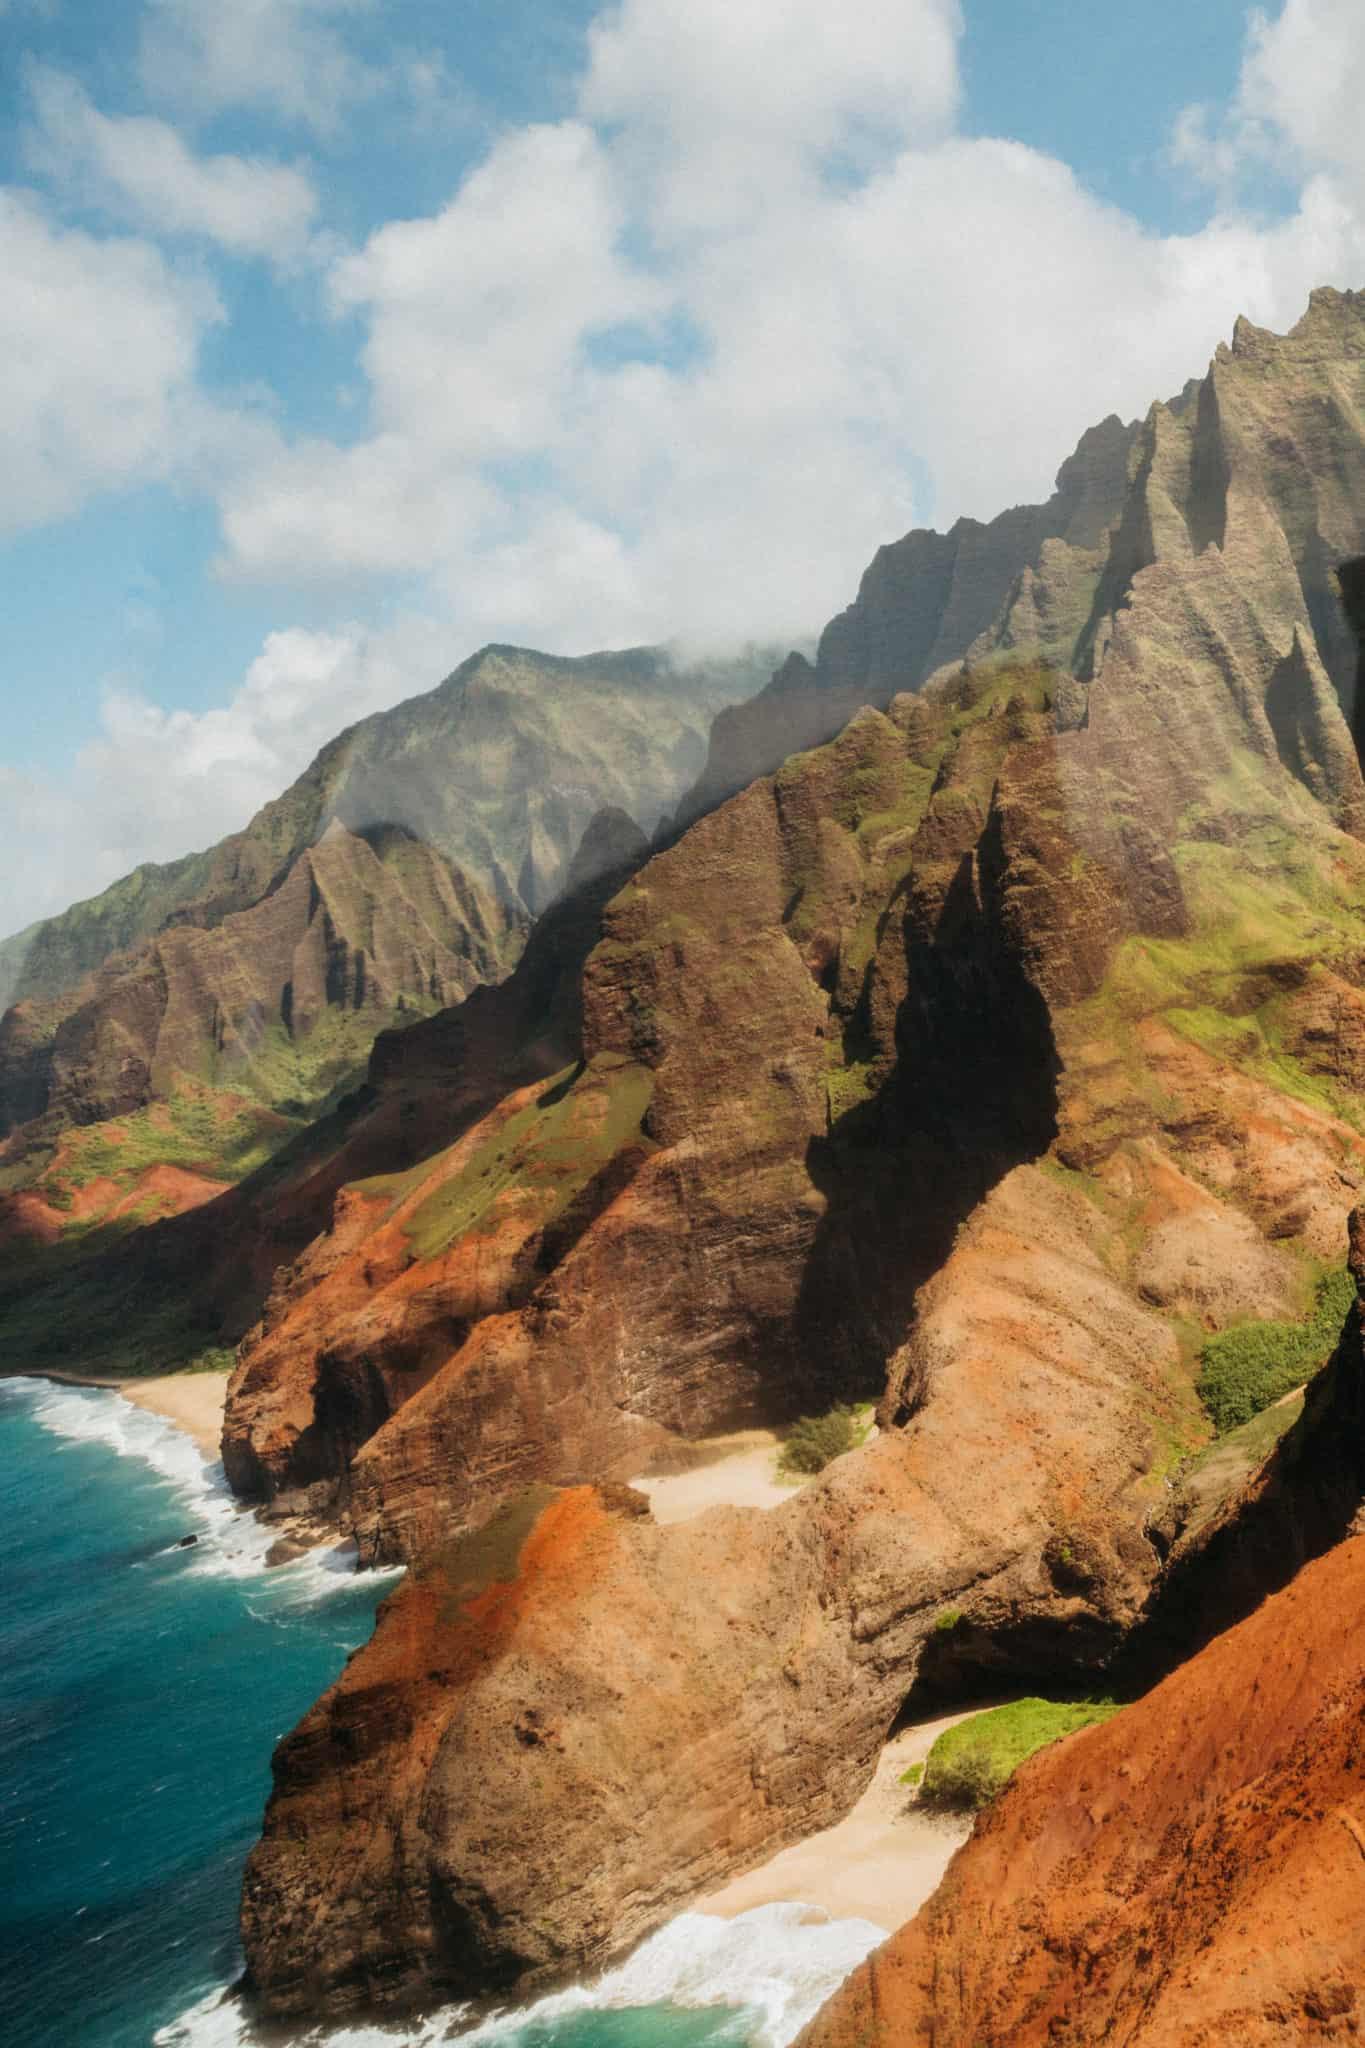 Things To Do In Kauai - Sail The Na Pali Coast